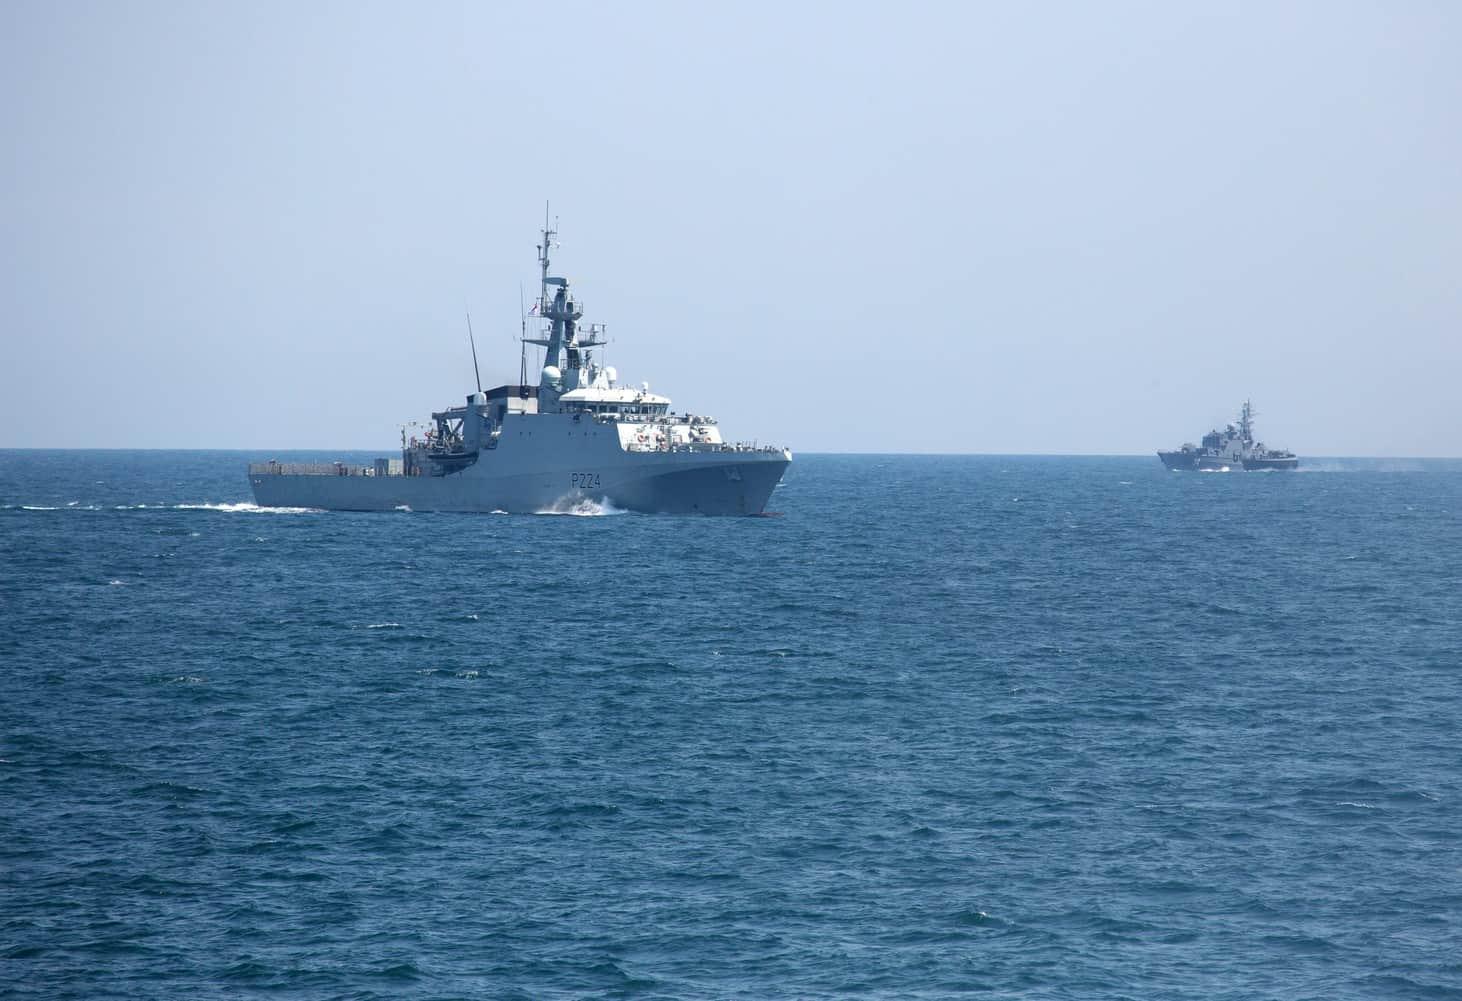 Патрульний корабель королівського флоту Великої Британії OPV Trent та корвет ВМС Болгарії «Бодри» на Sea Breeze 2021